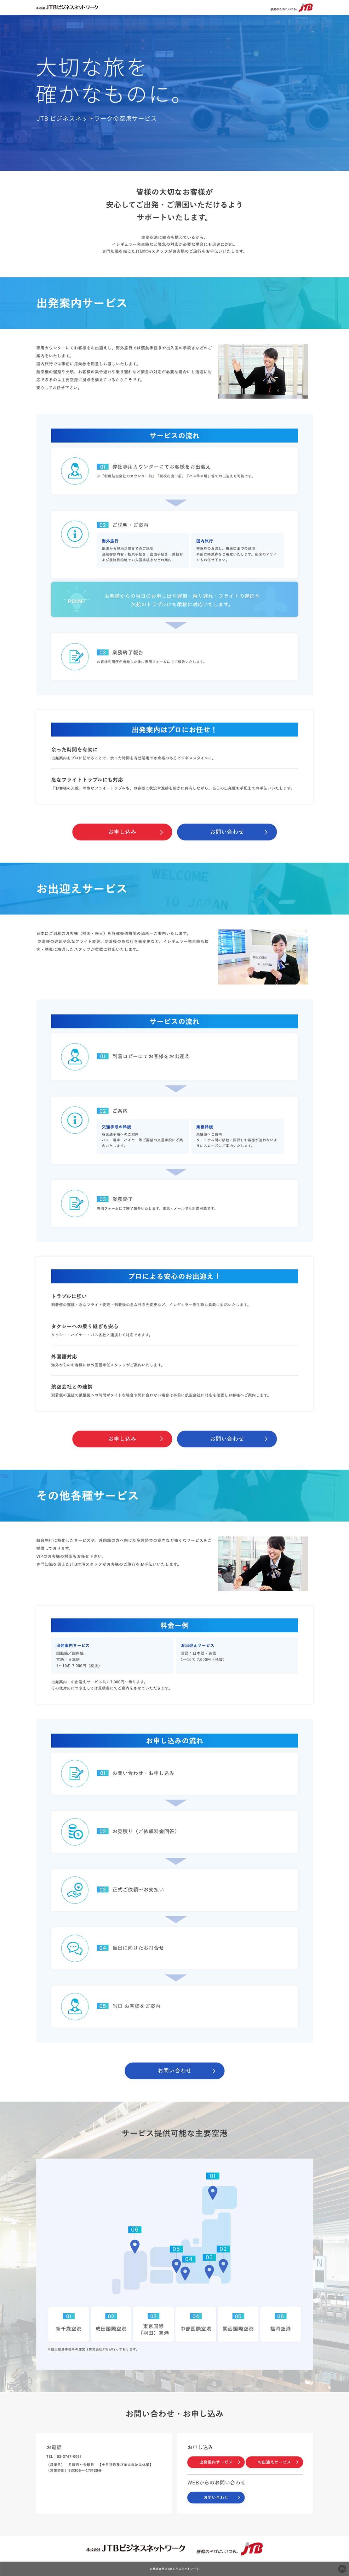 株式会社JTBビジネスネットワーク 空港事業